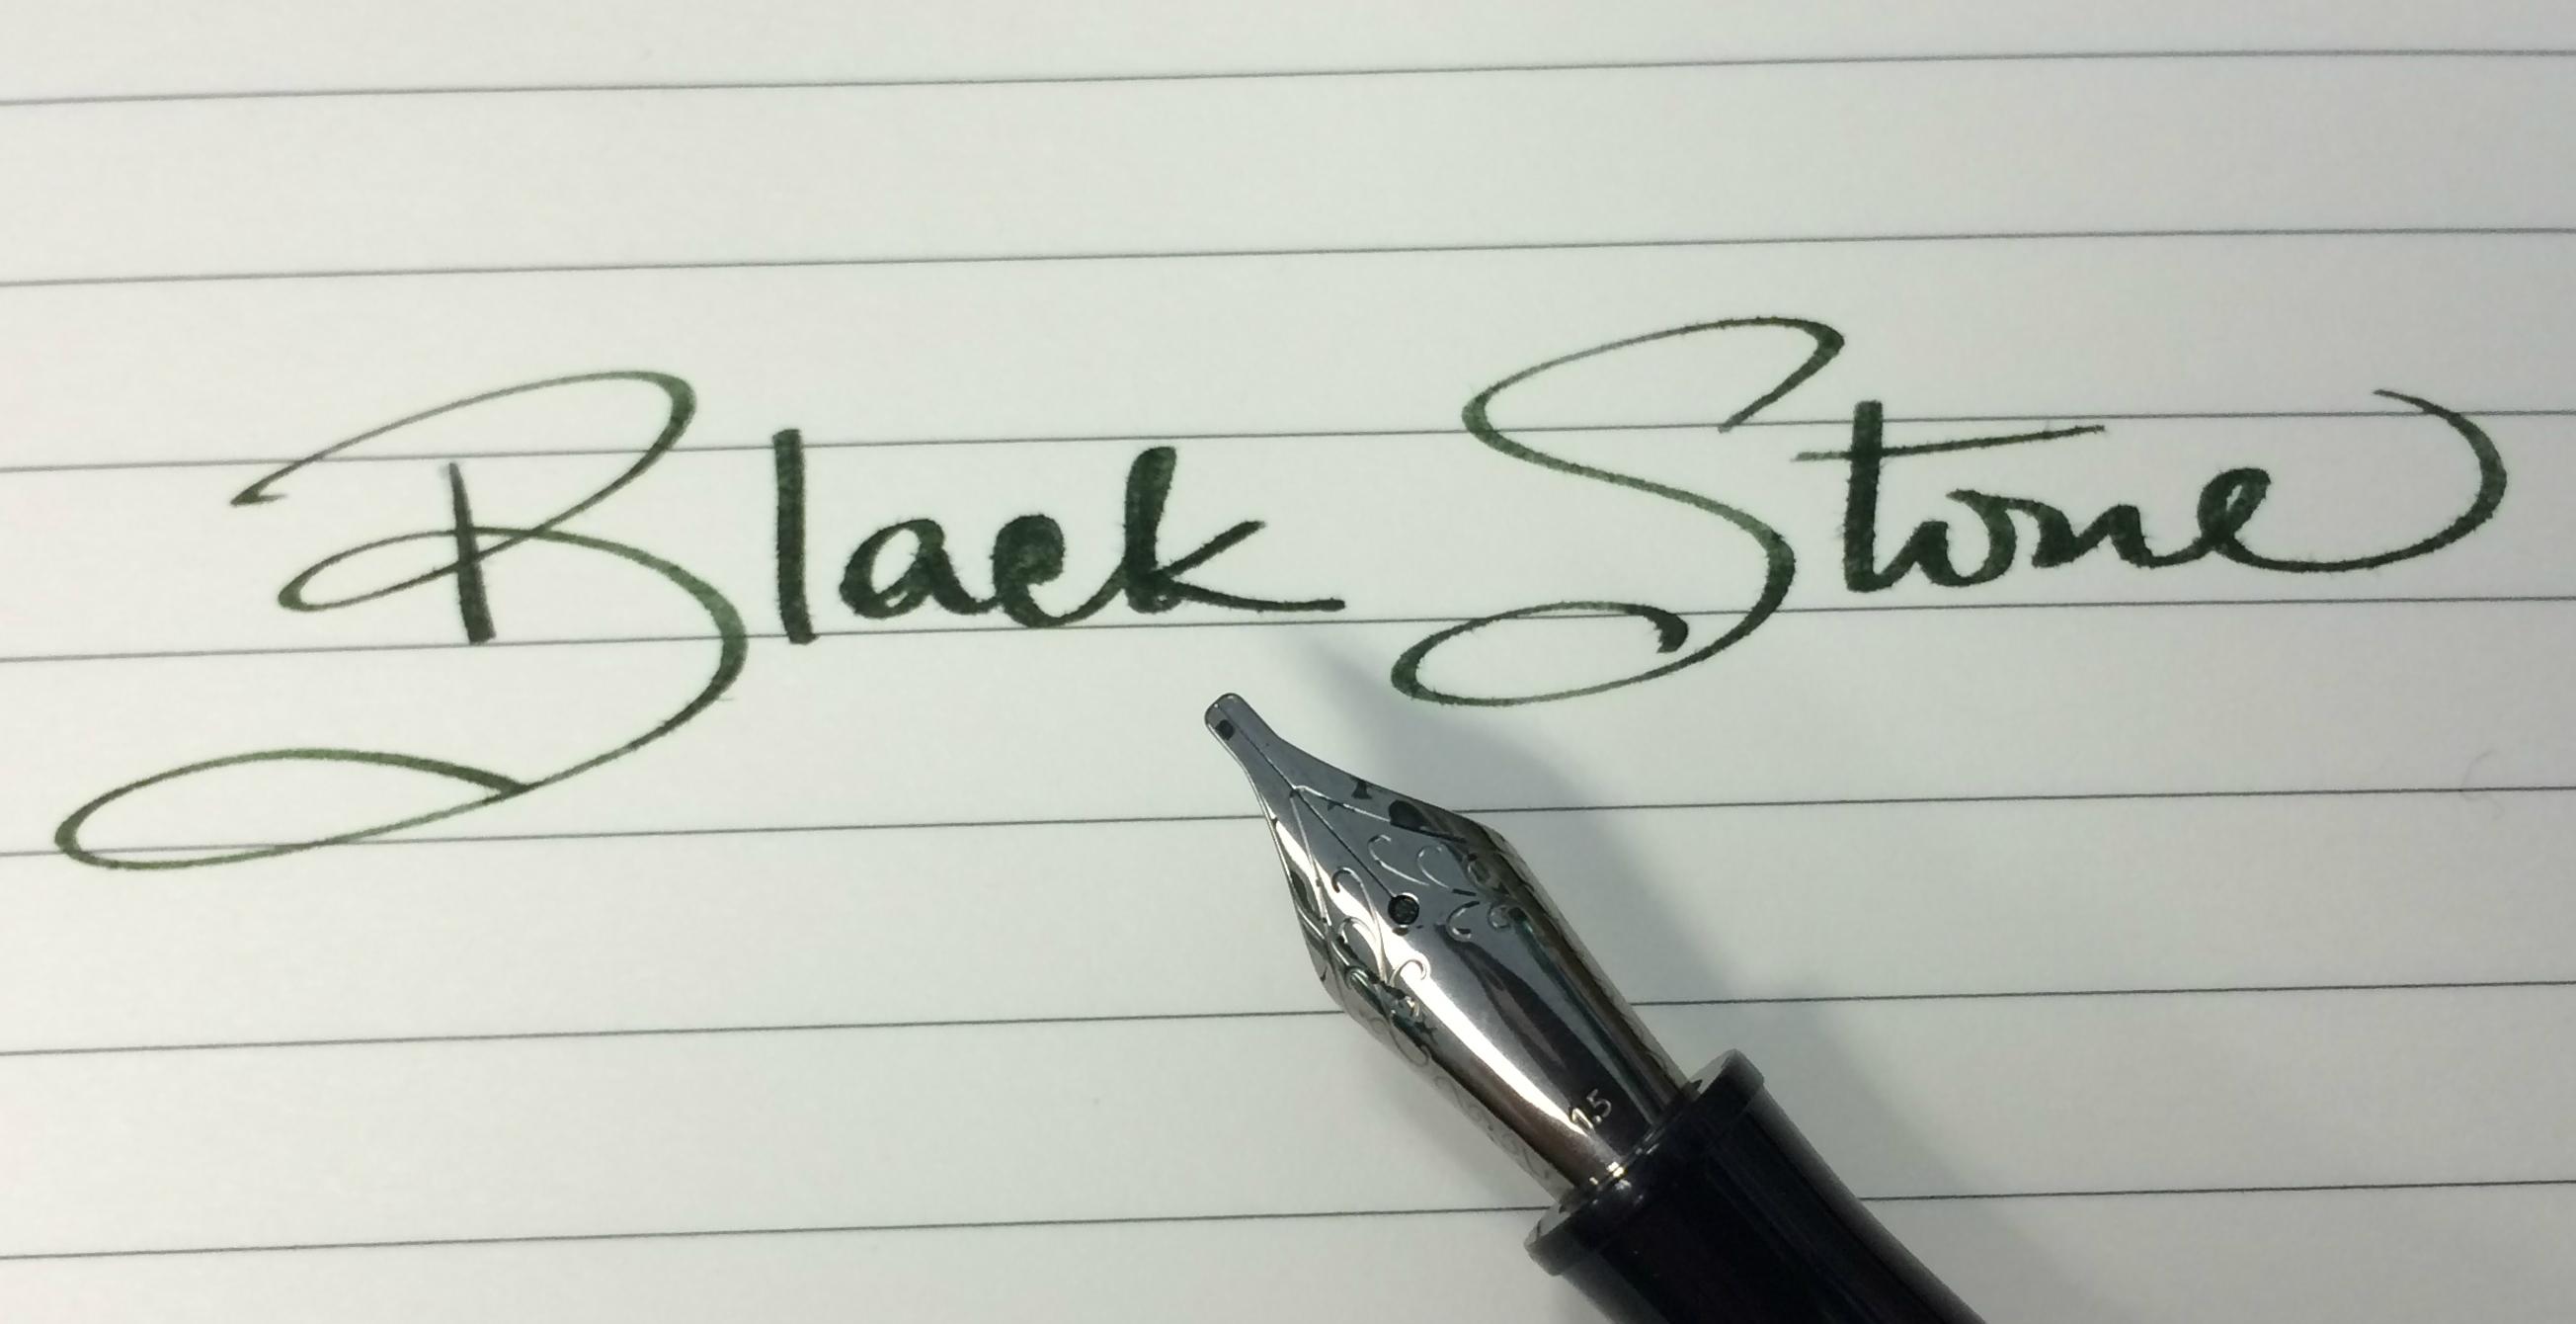 fpn_1454099411__blackstonepen04.jpg